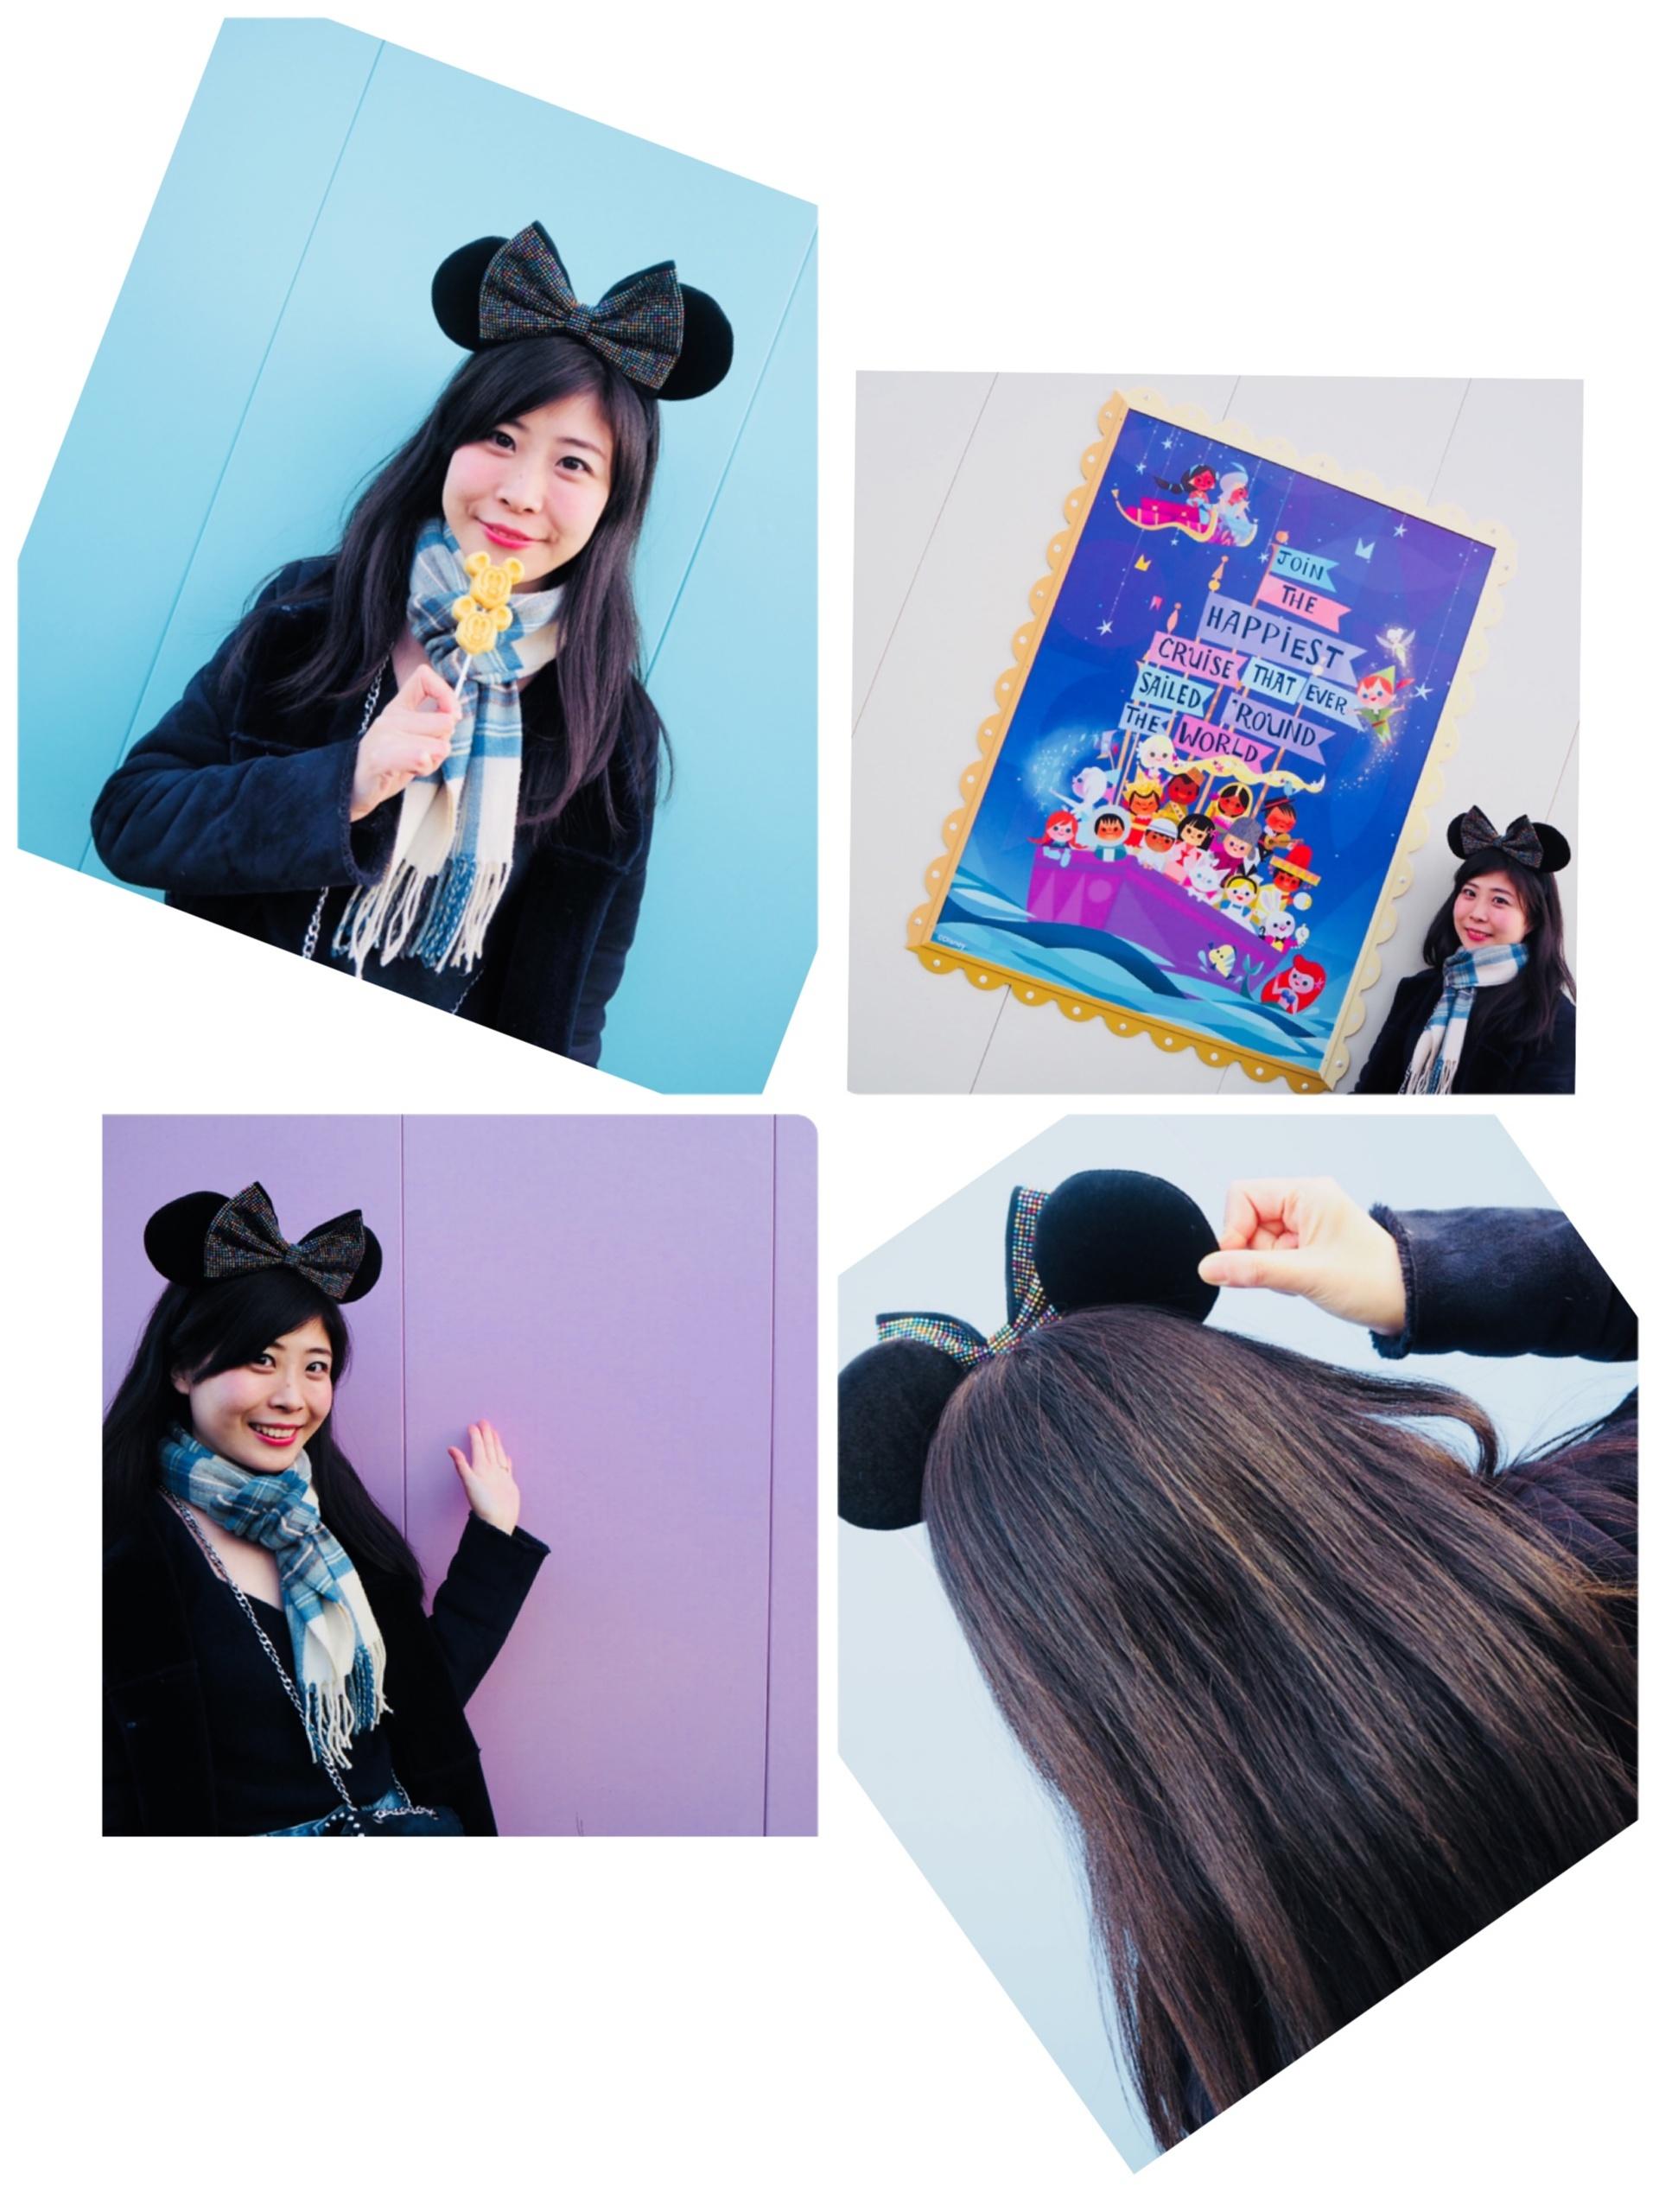 《Disneyland》にお出かけしたら絶対撮りたい❤︎ 可愛い&お洒落な写真は《ココとコレ》を押さえましょう☝︎★_2